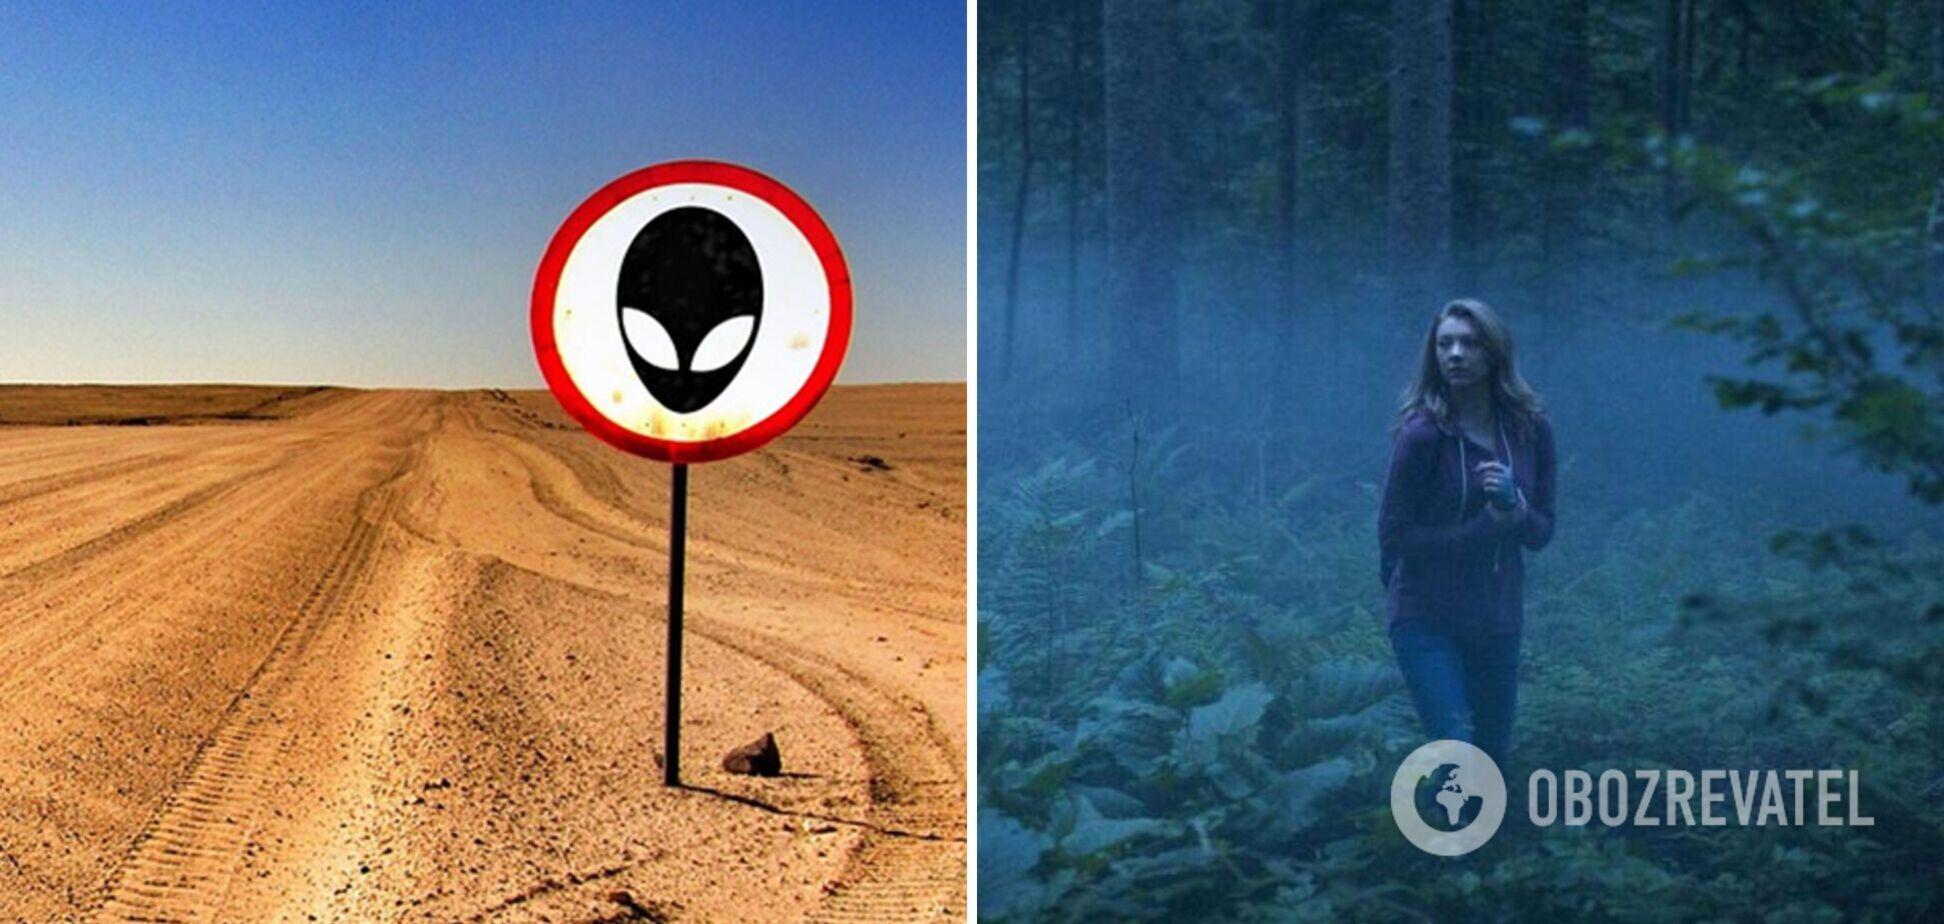 Некоторых туристов манят жуткие и загадочные истории